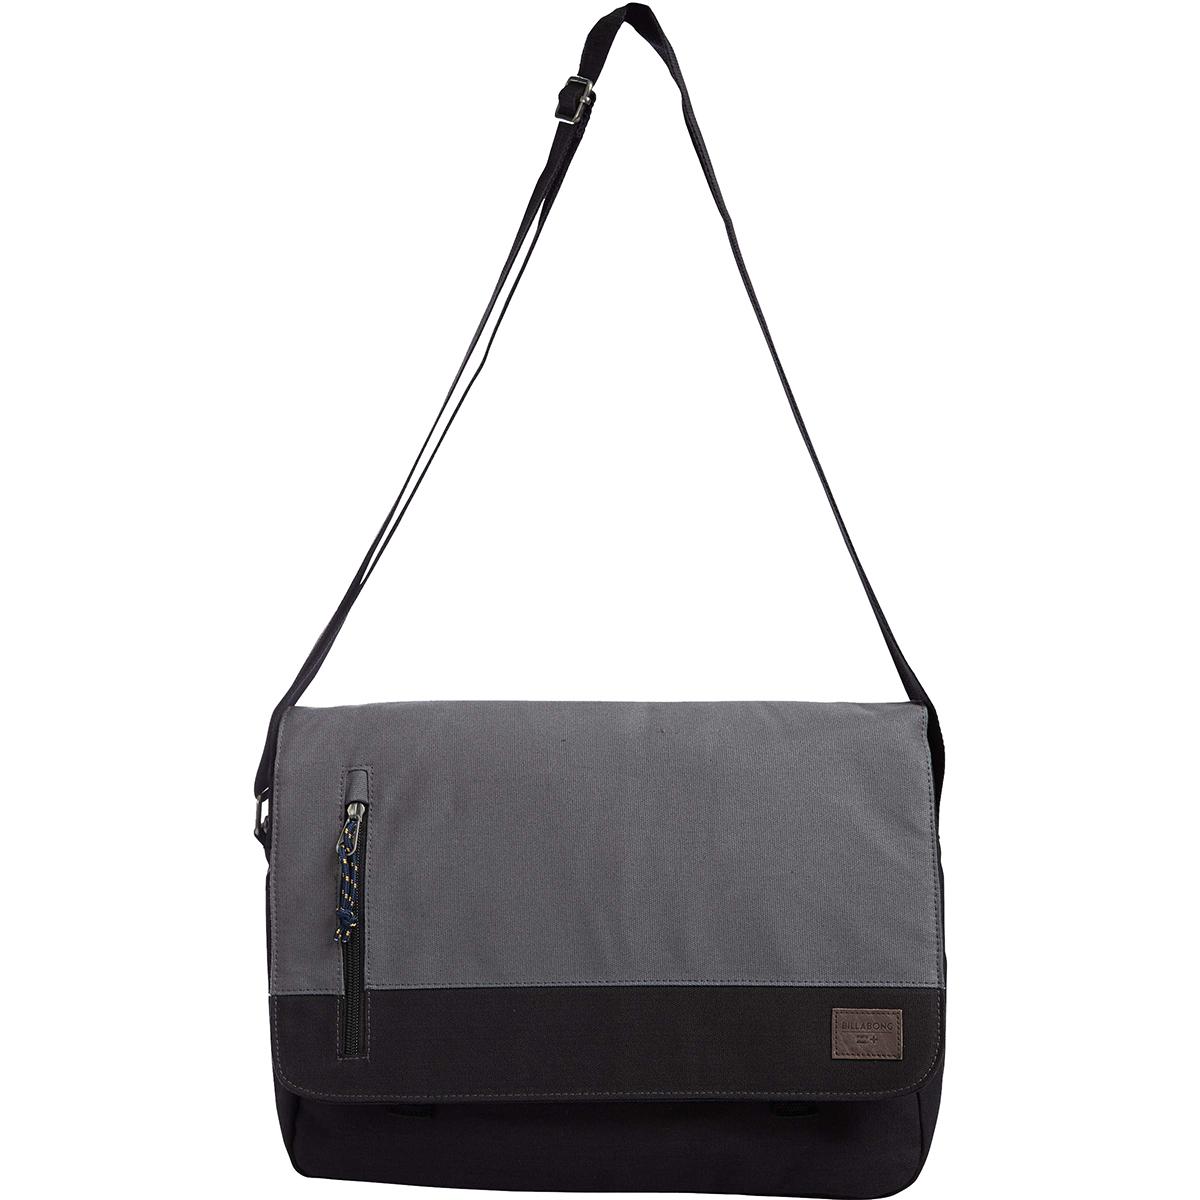 Сумка Billabong Chief Satchel, цвет: черный, 1,5 л. Z5SA03Z5SA03Стильная сумка, с которой очень удобно путешествовать. Отлично подойдет для хранения документов и прочих необходимых Вам вещей.